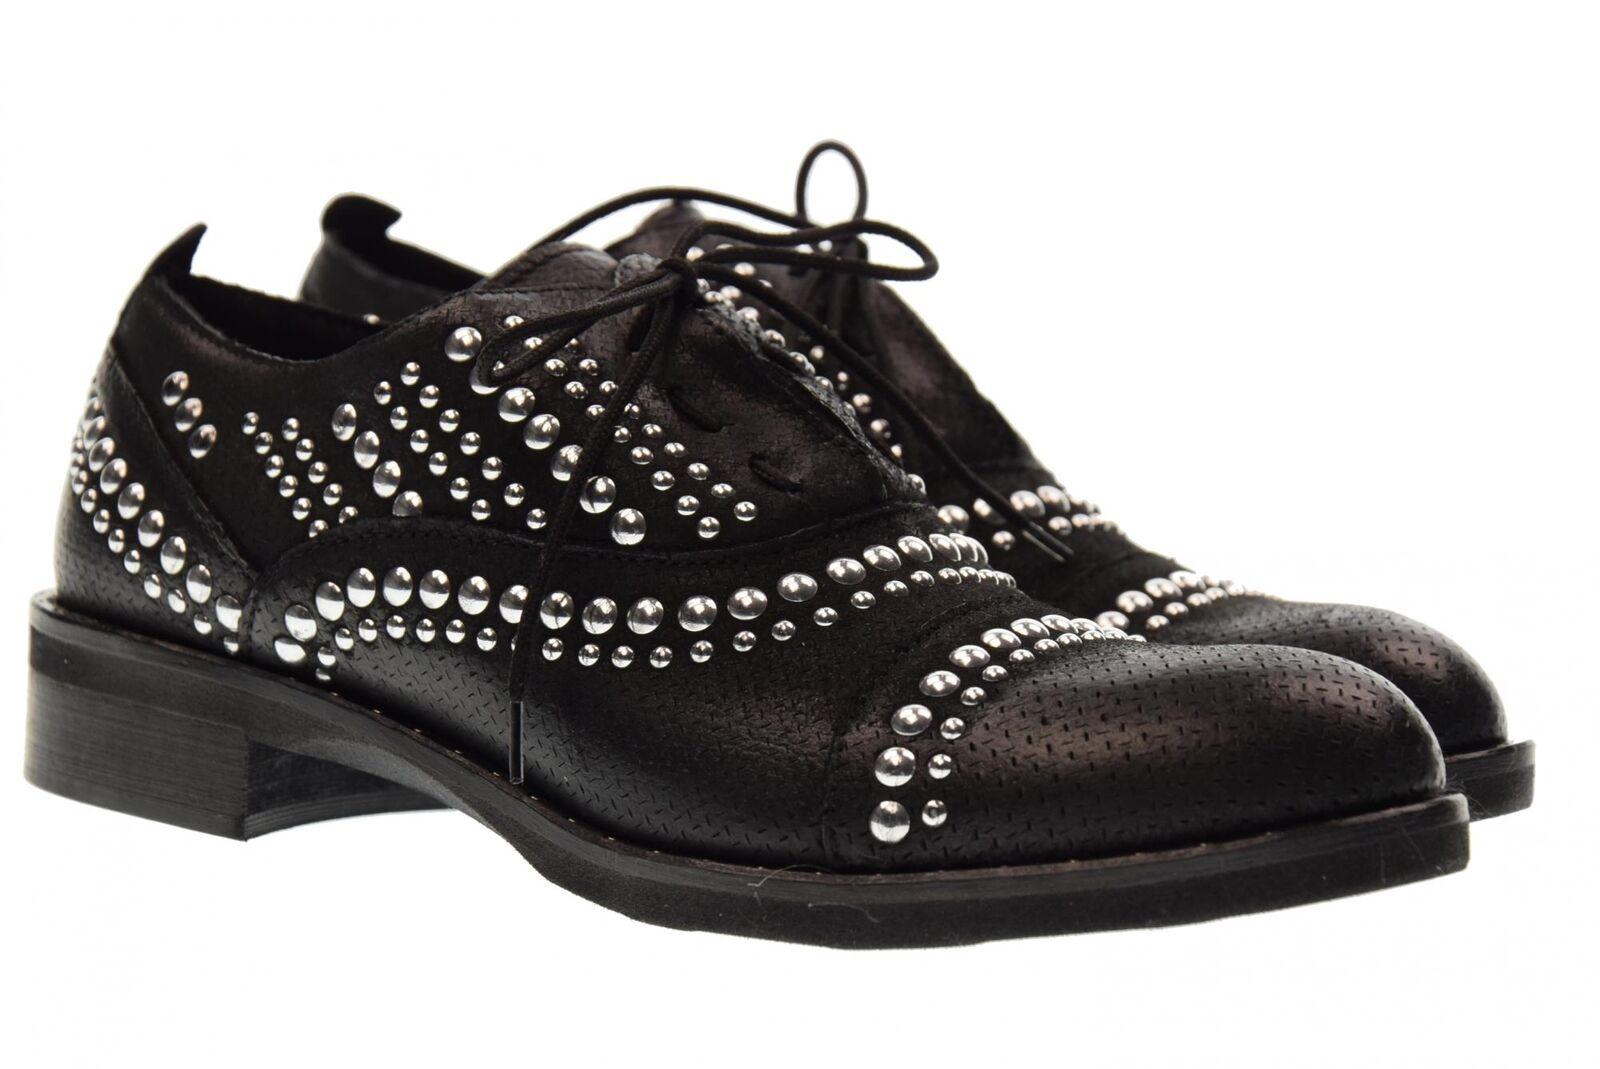 Erman's NERO scarpe donna stringate 125 NERO Erman's P18 59703e